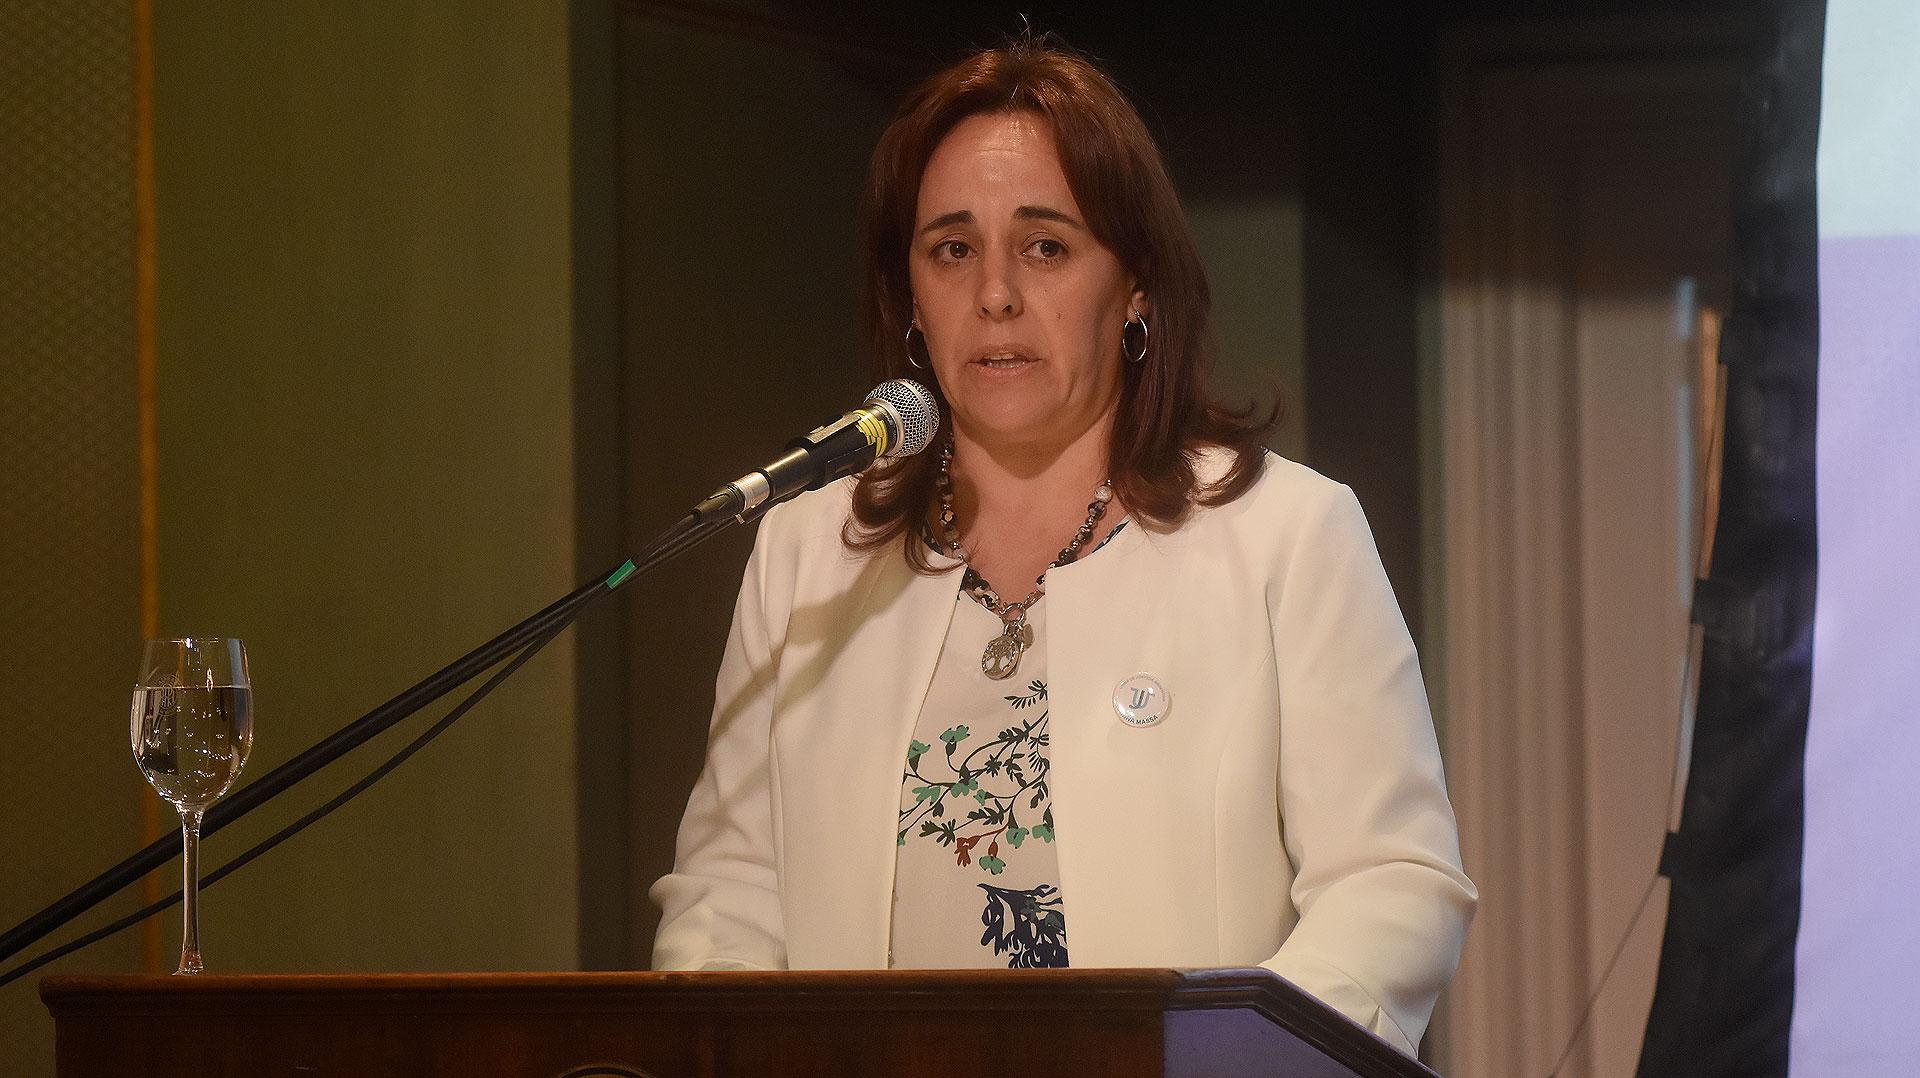 Las emotivas palabras de Karina Massa, la madre de Matías Gandolfo, asesinado en 2014 para robarle el celular